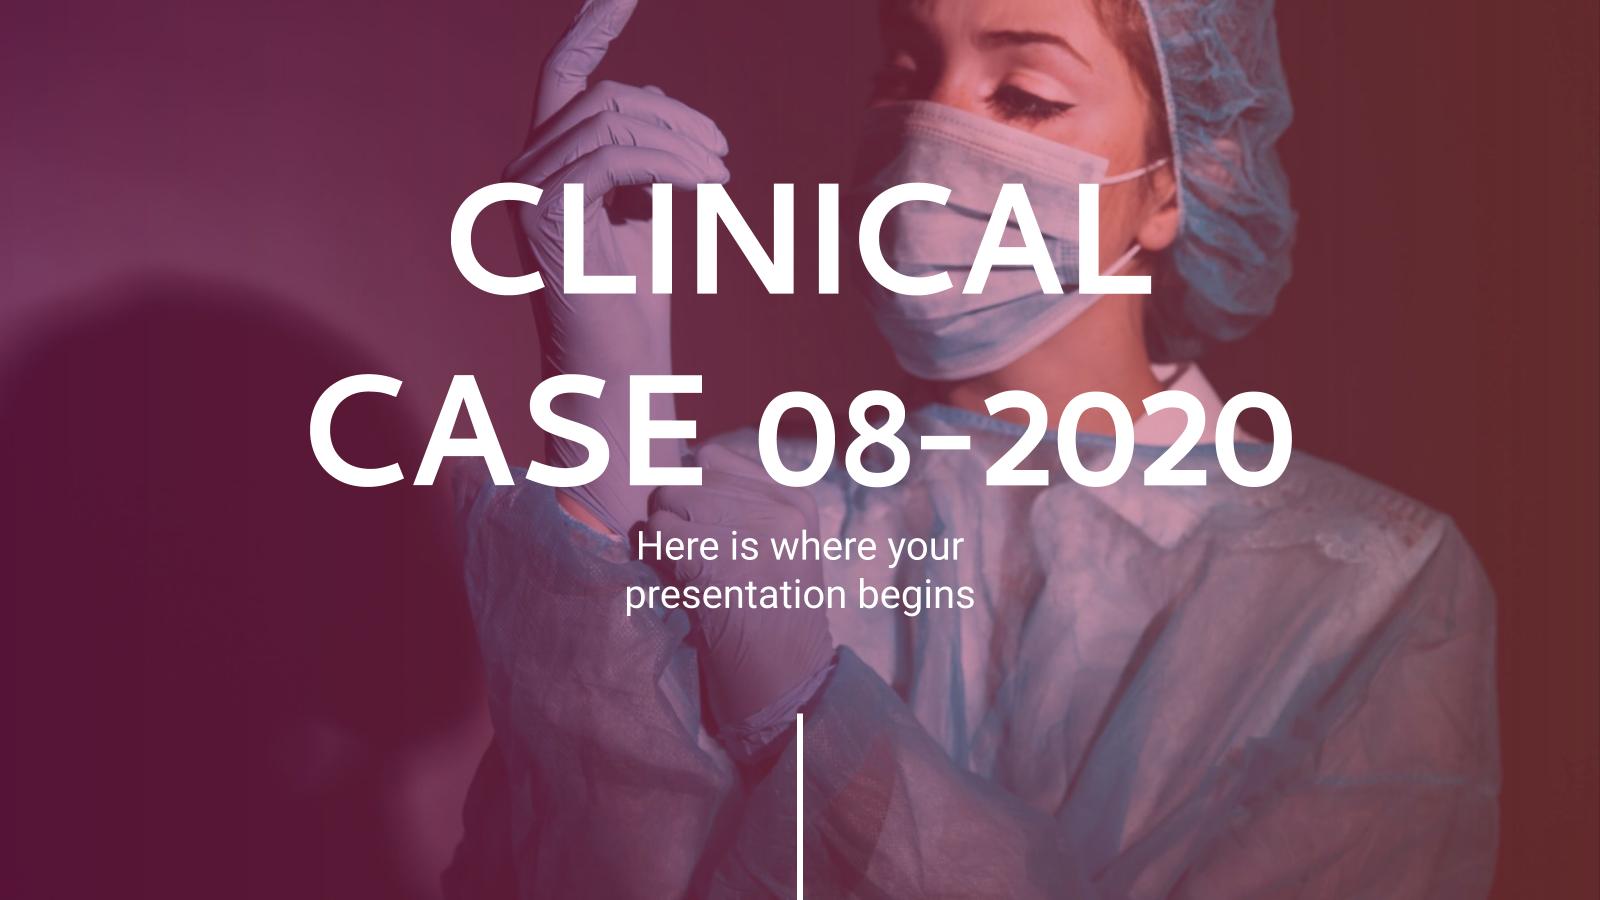 Modelo de apresentação Caso clínico 08-2020